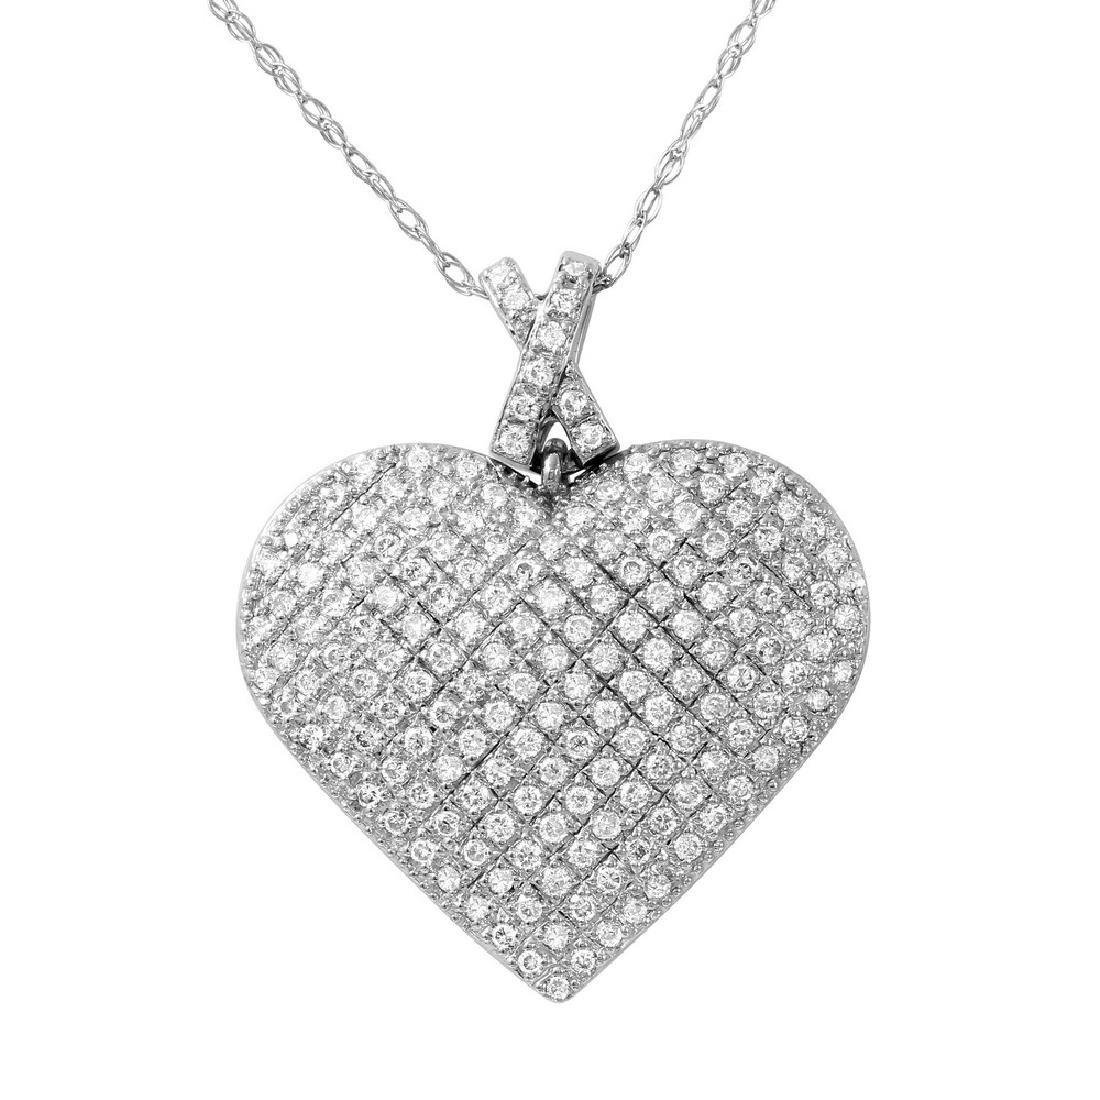 14K White Gold 1CTW Ladies Diamond Pendant - REF-137X3Y